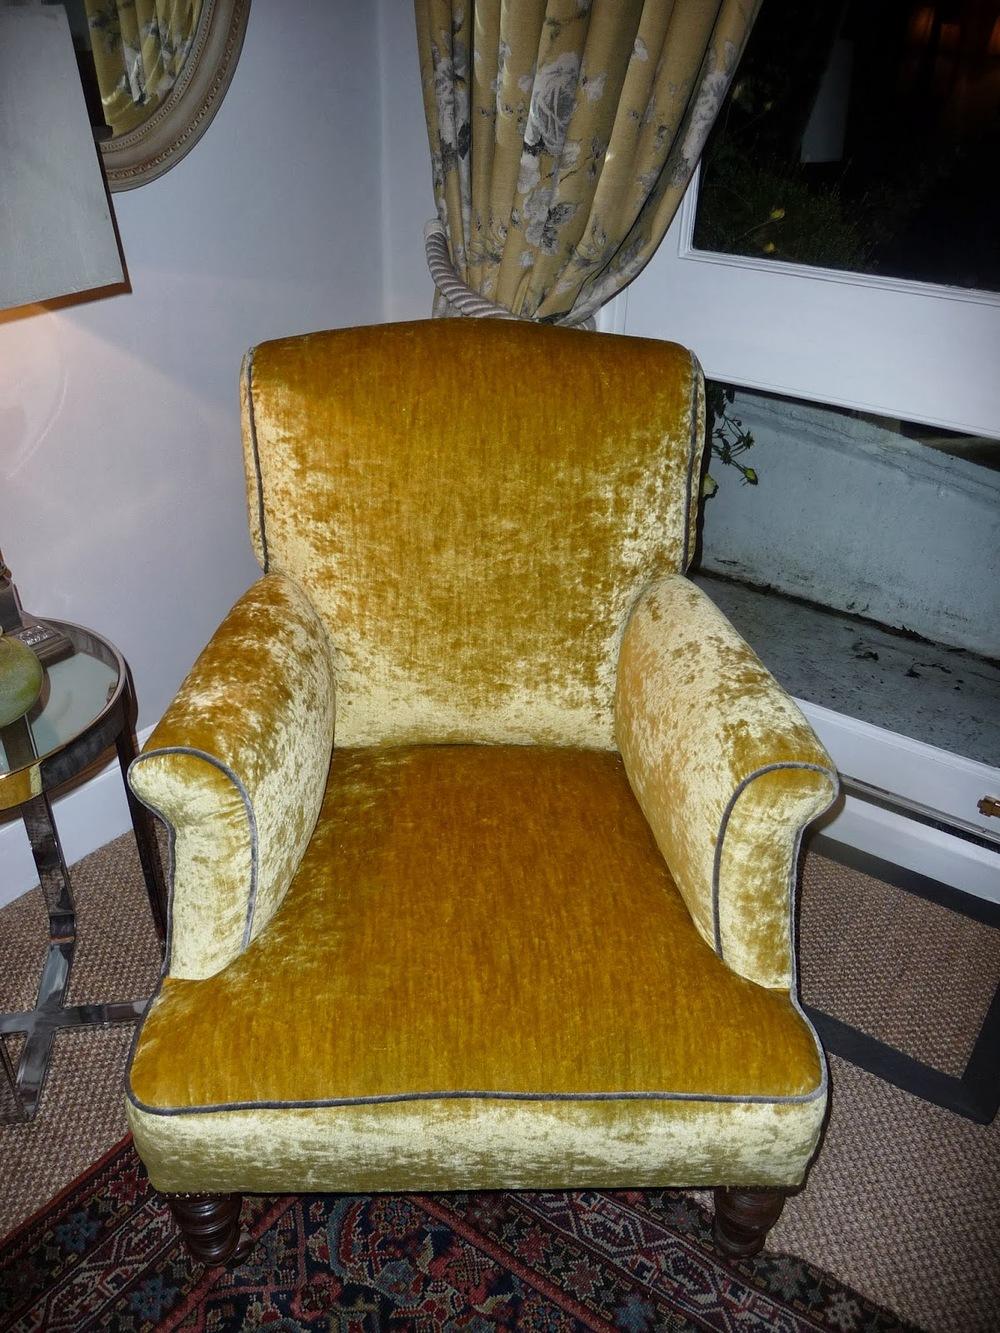 20131117-upholsteredchair.jpg